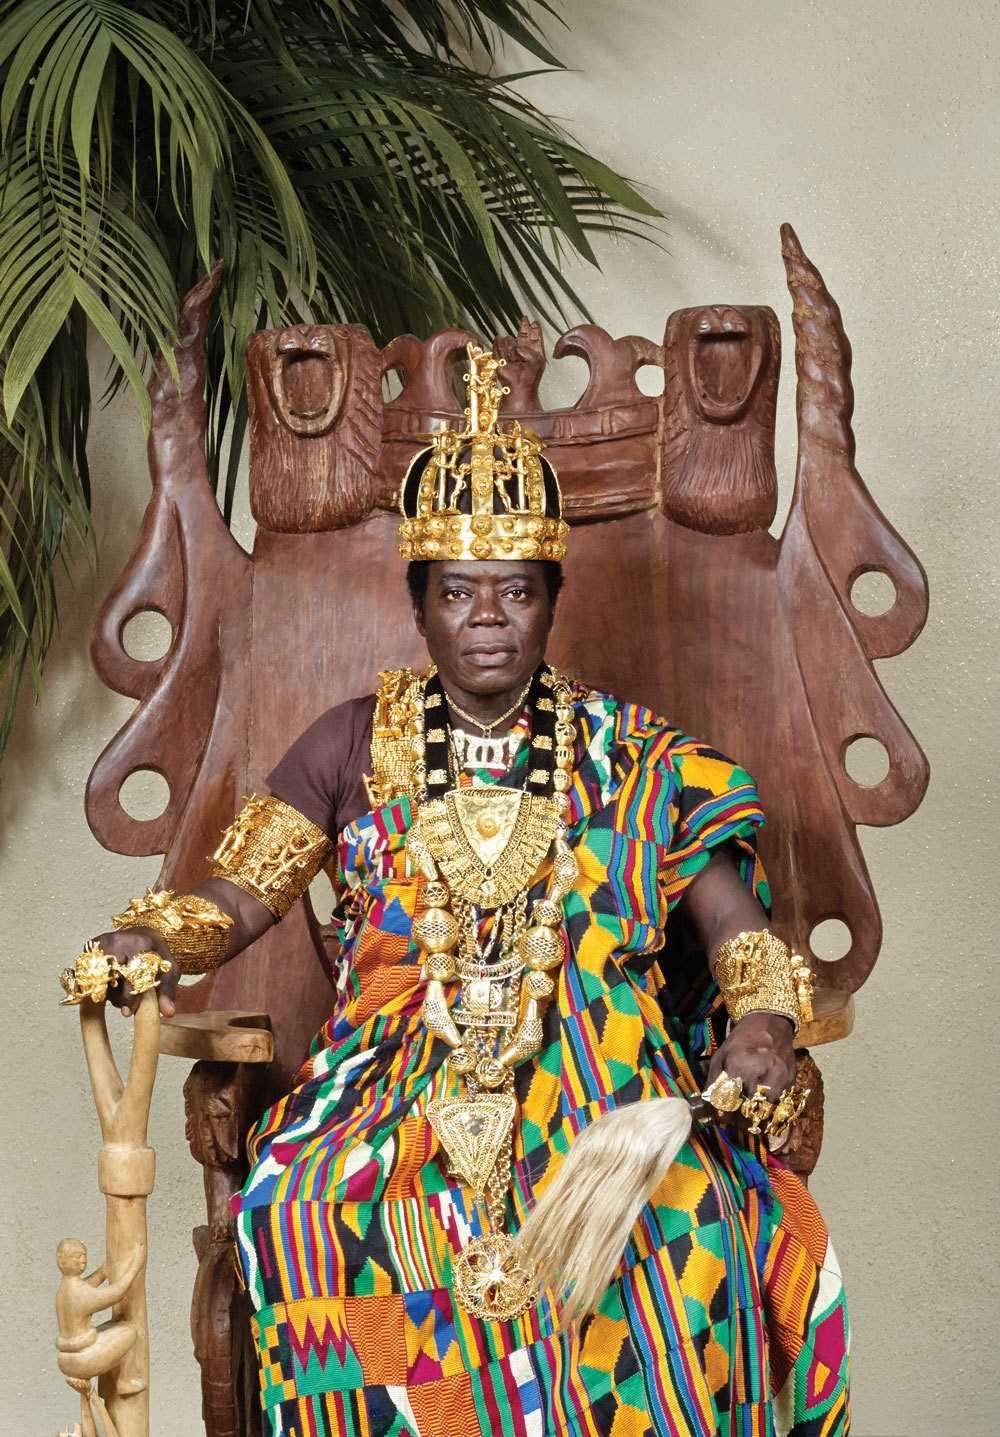 Тогбе Нгорифия Кифа Коси Банса - верховный правитель территории Хохо в Гане. 0_17760d_a0982f6b_orig